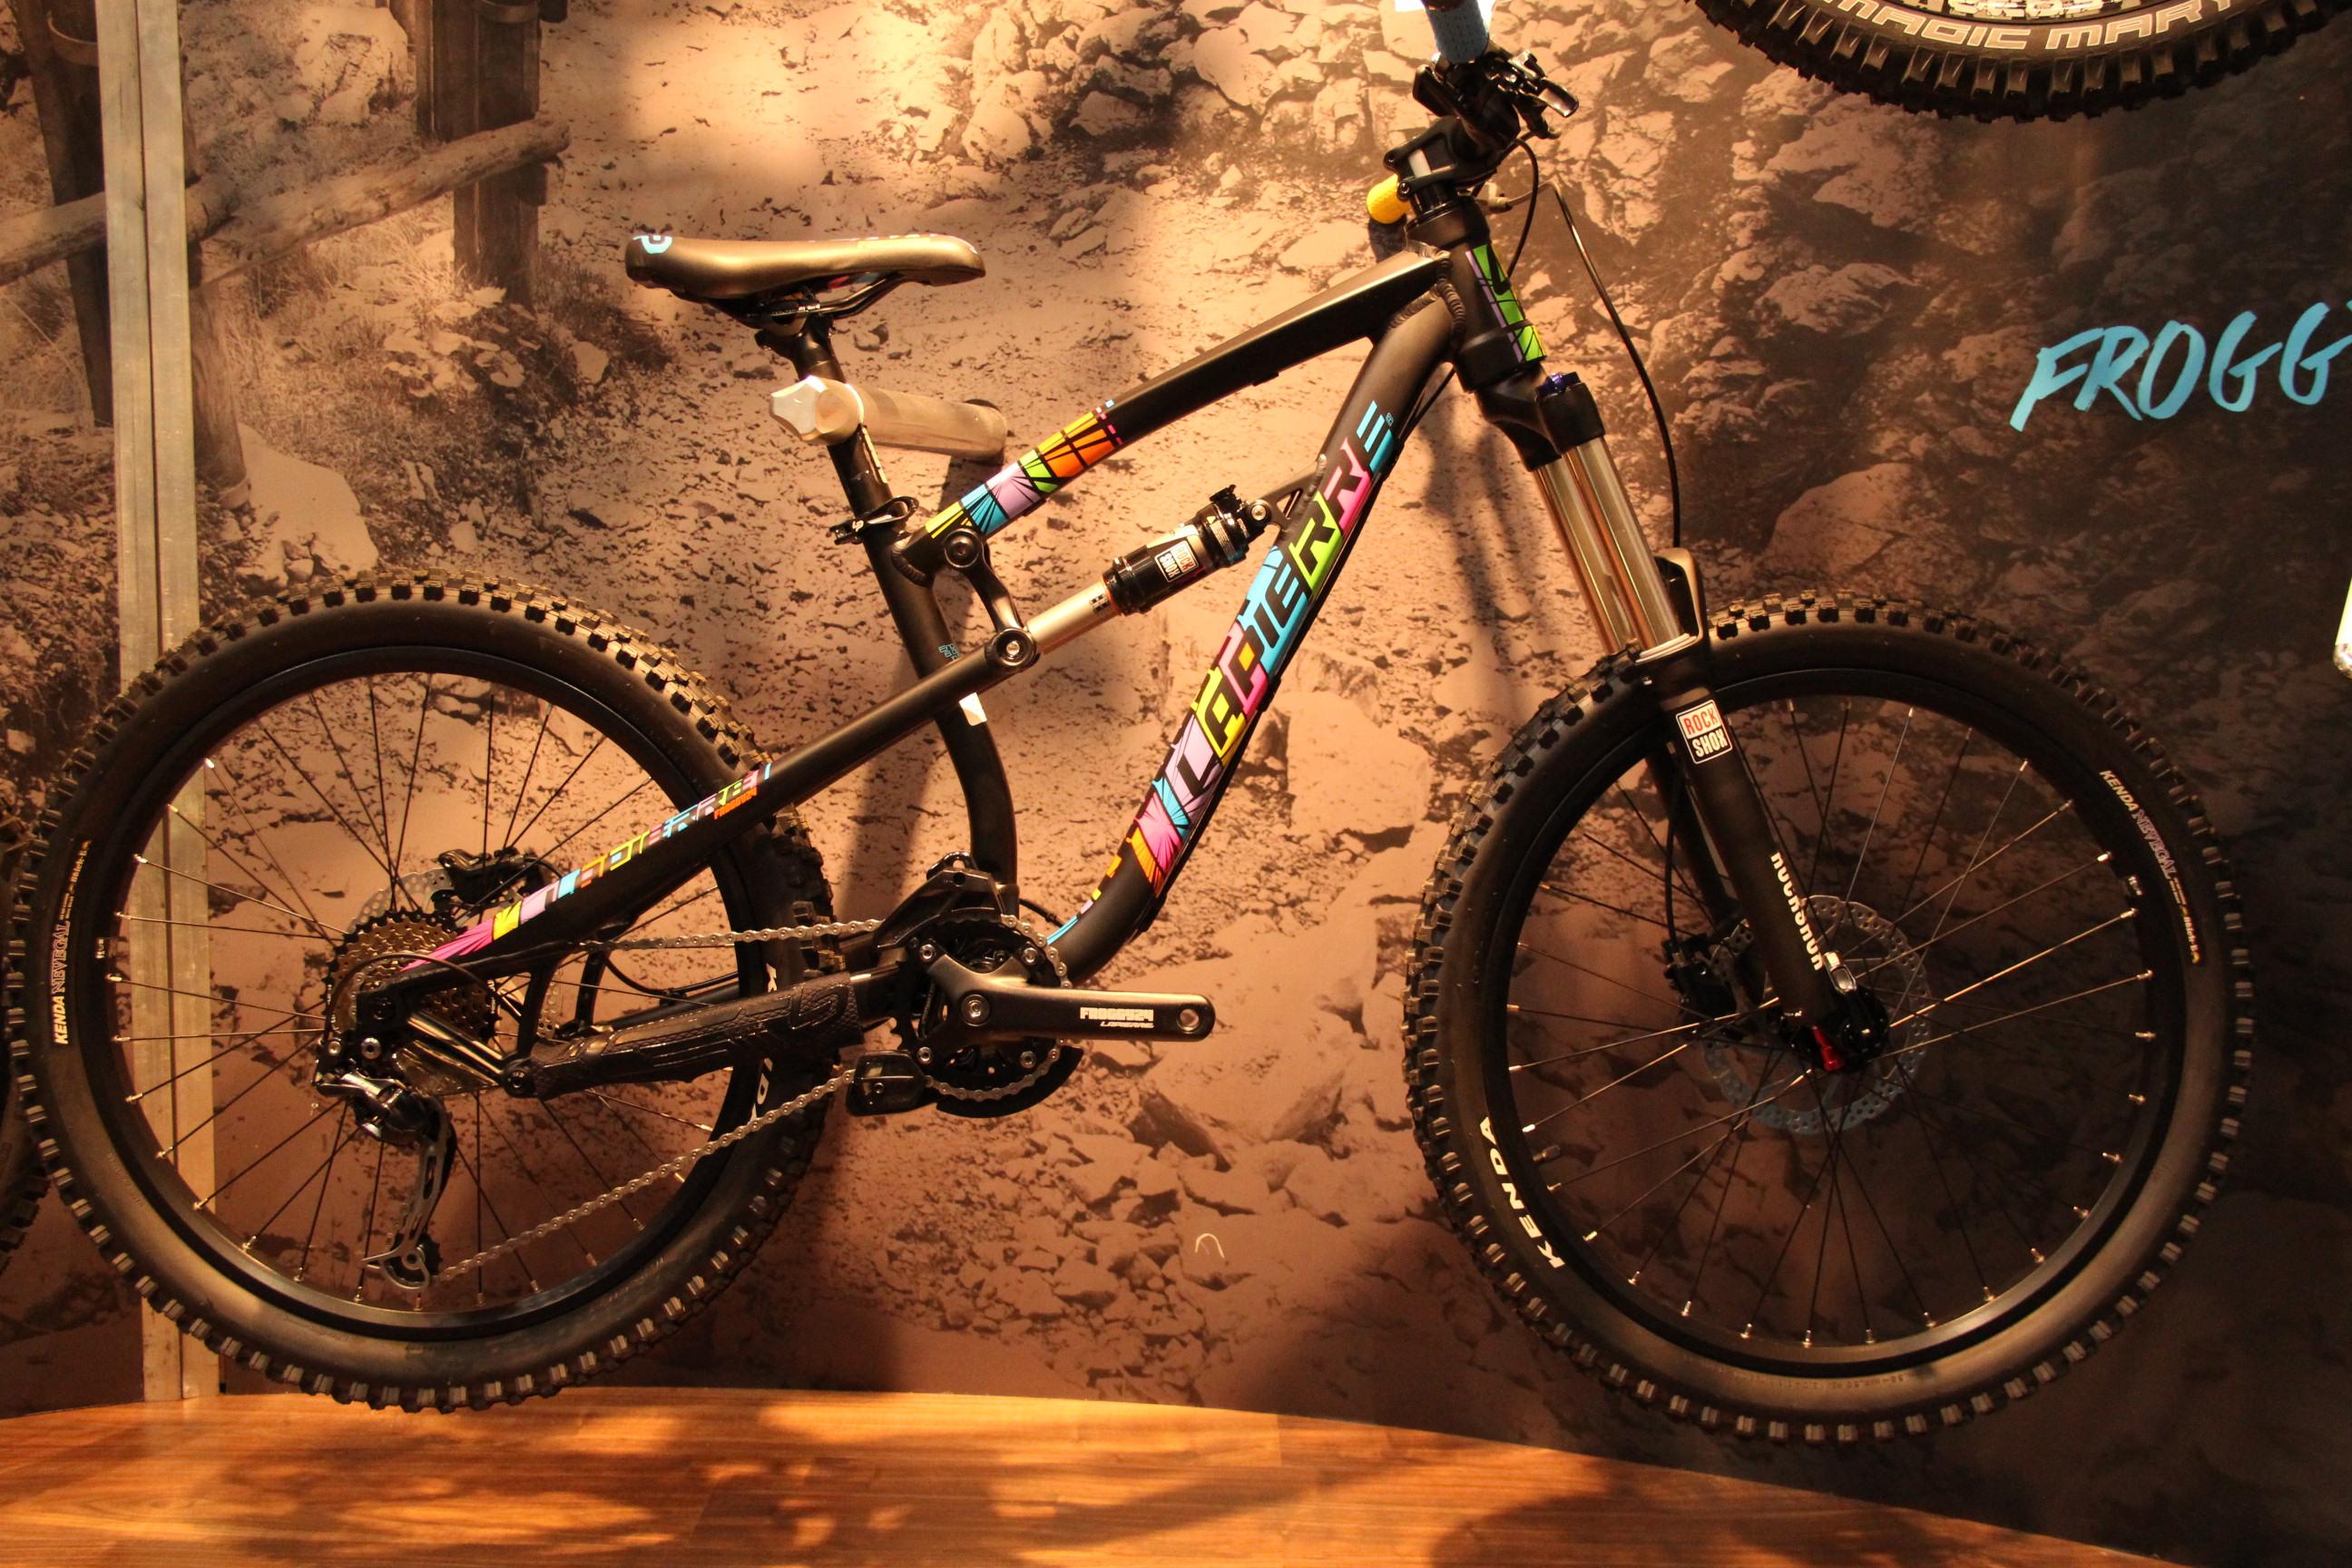 La Pierre Froggy 24, damit der Junior auch im Bikepark fahren kann! 24